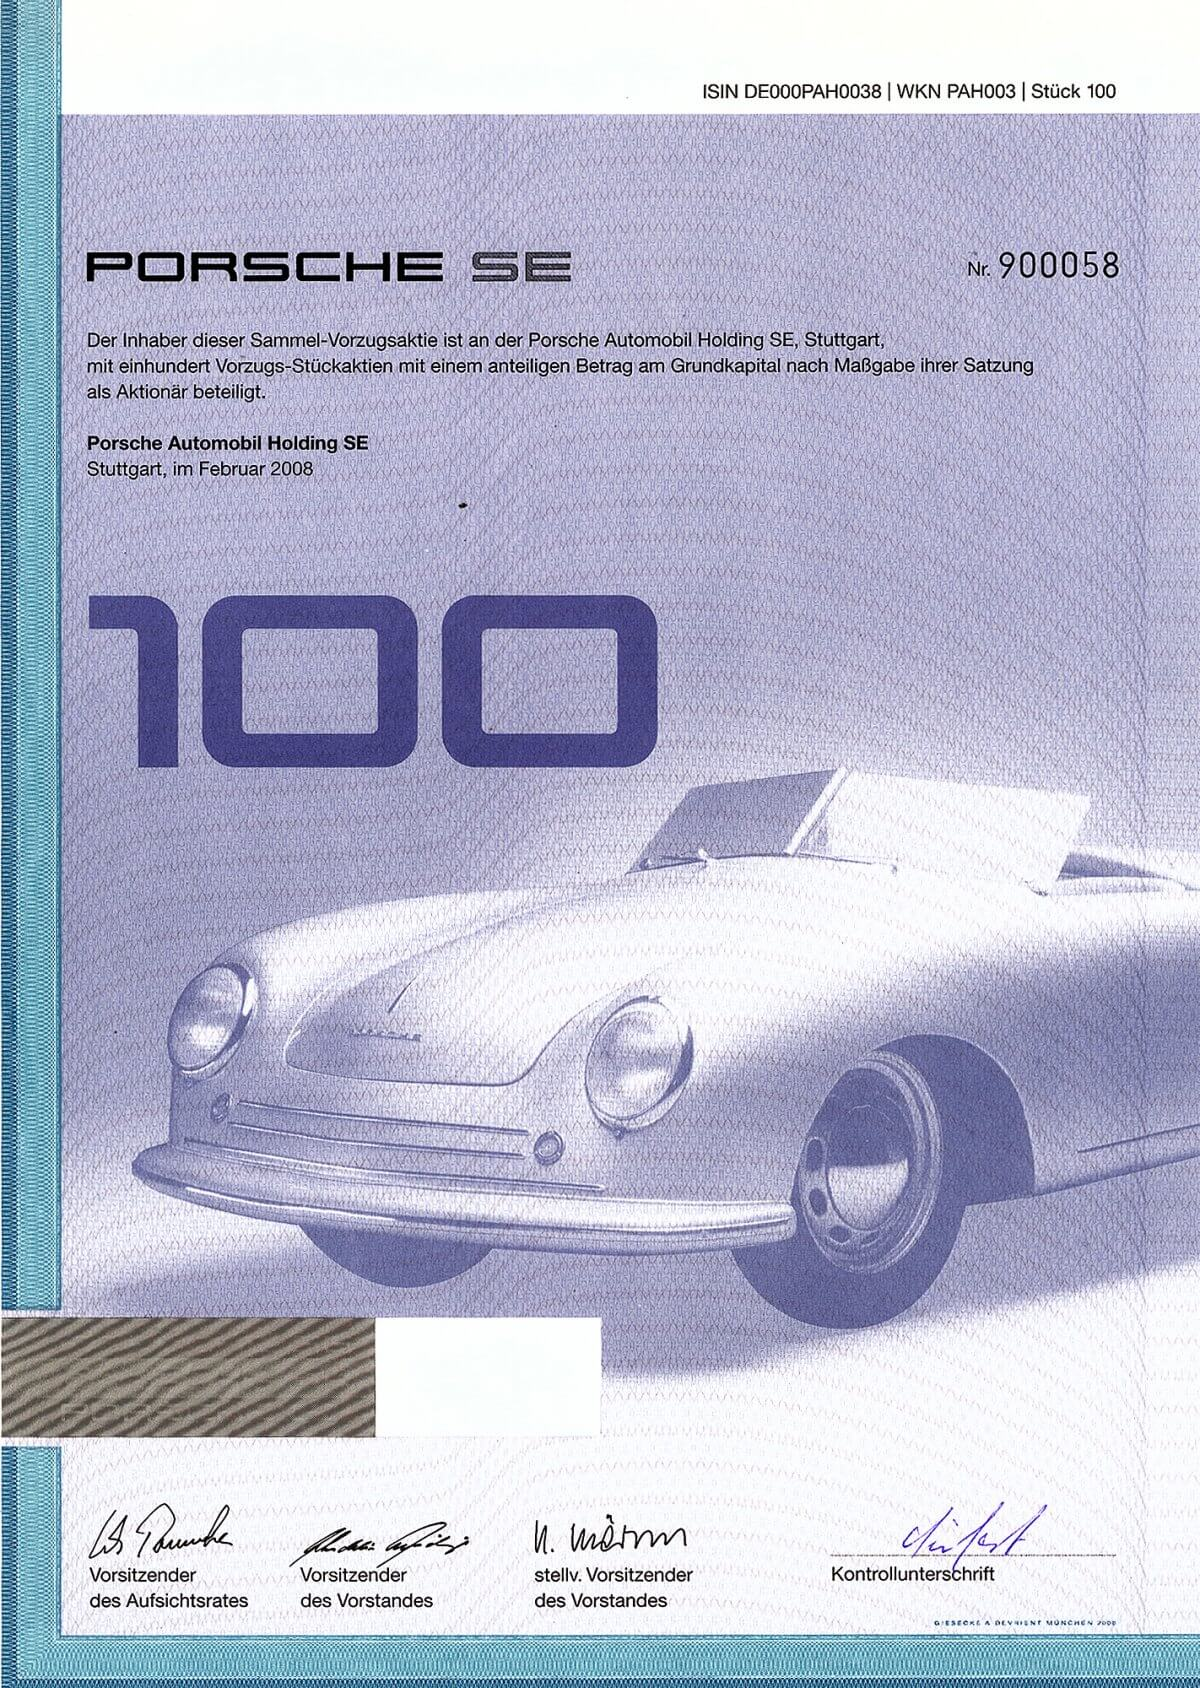 """Porsche Automobil Holding SE, Stuttgart, Sammel-Vorzugsaktie über 100 Stück, 2008. Der Name Ferdinand Porsche taucht seit der Wende zum 20. Jh. in der Geschichte des Automobils immer wieder auf: bei Lohner, bei Austro-Daimler, bei Daimler und Steyr und schließlich als Konstrukteur des legendären """"Volkswagen""""."""